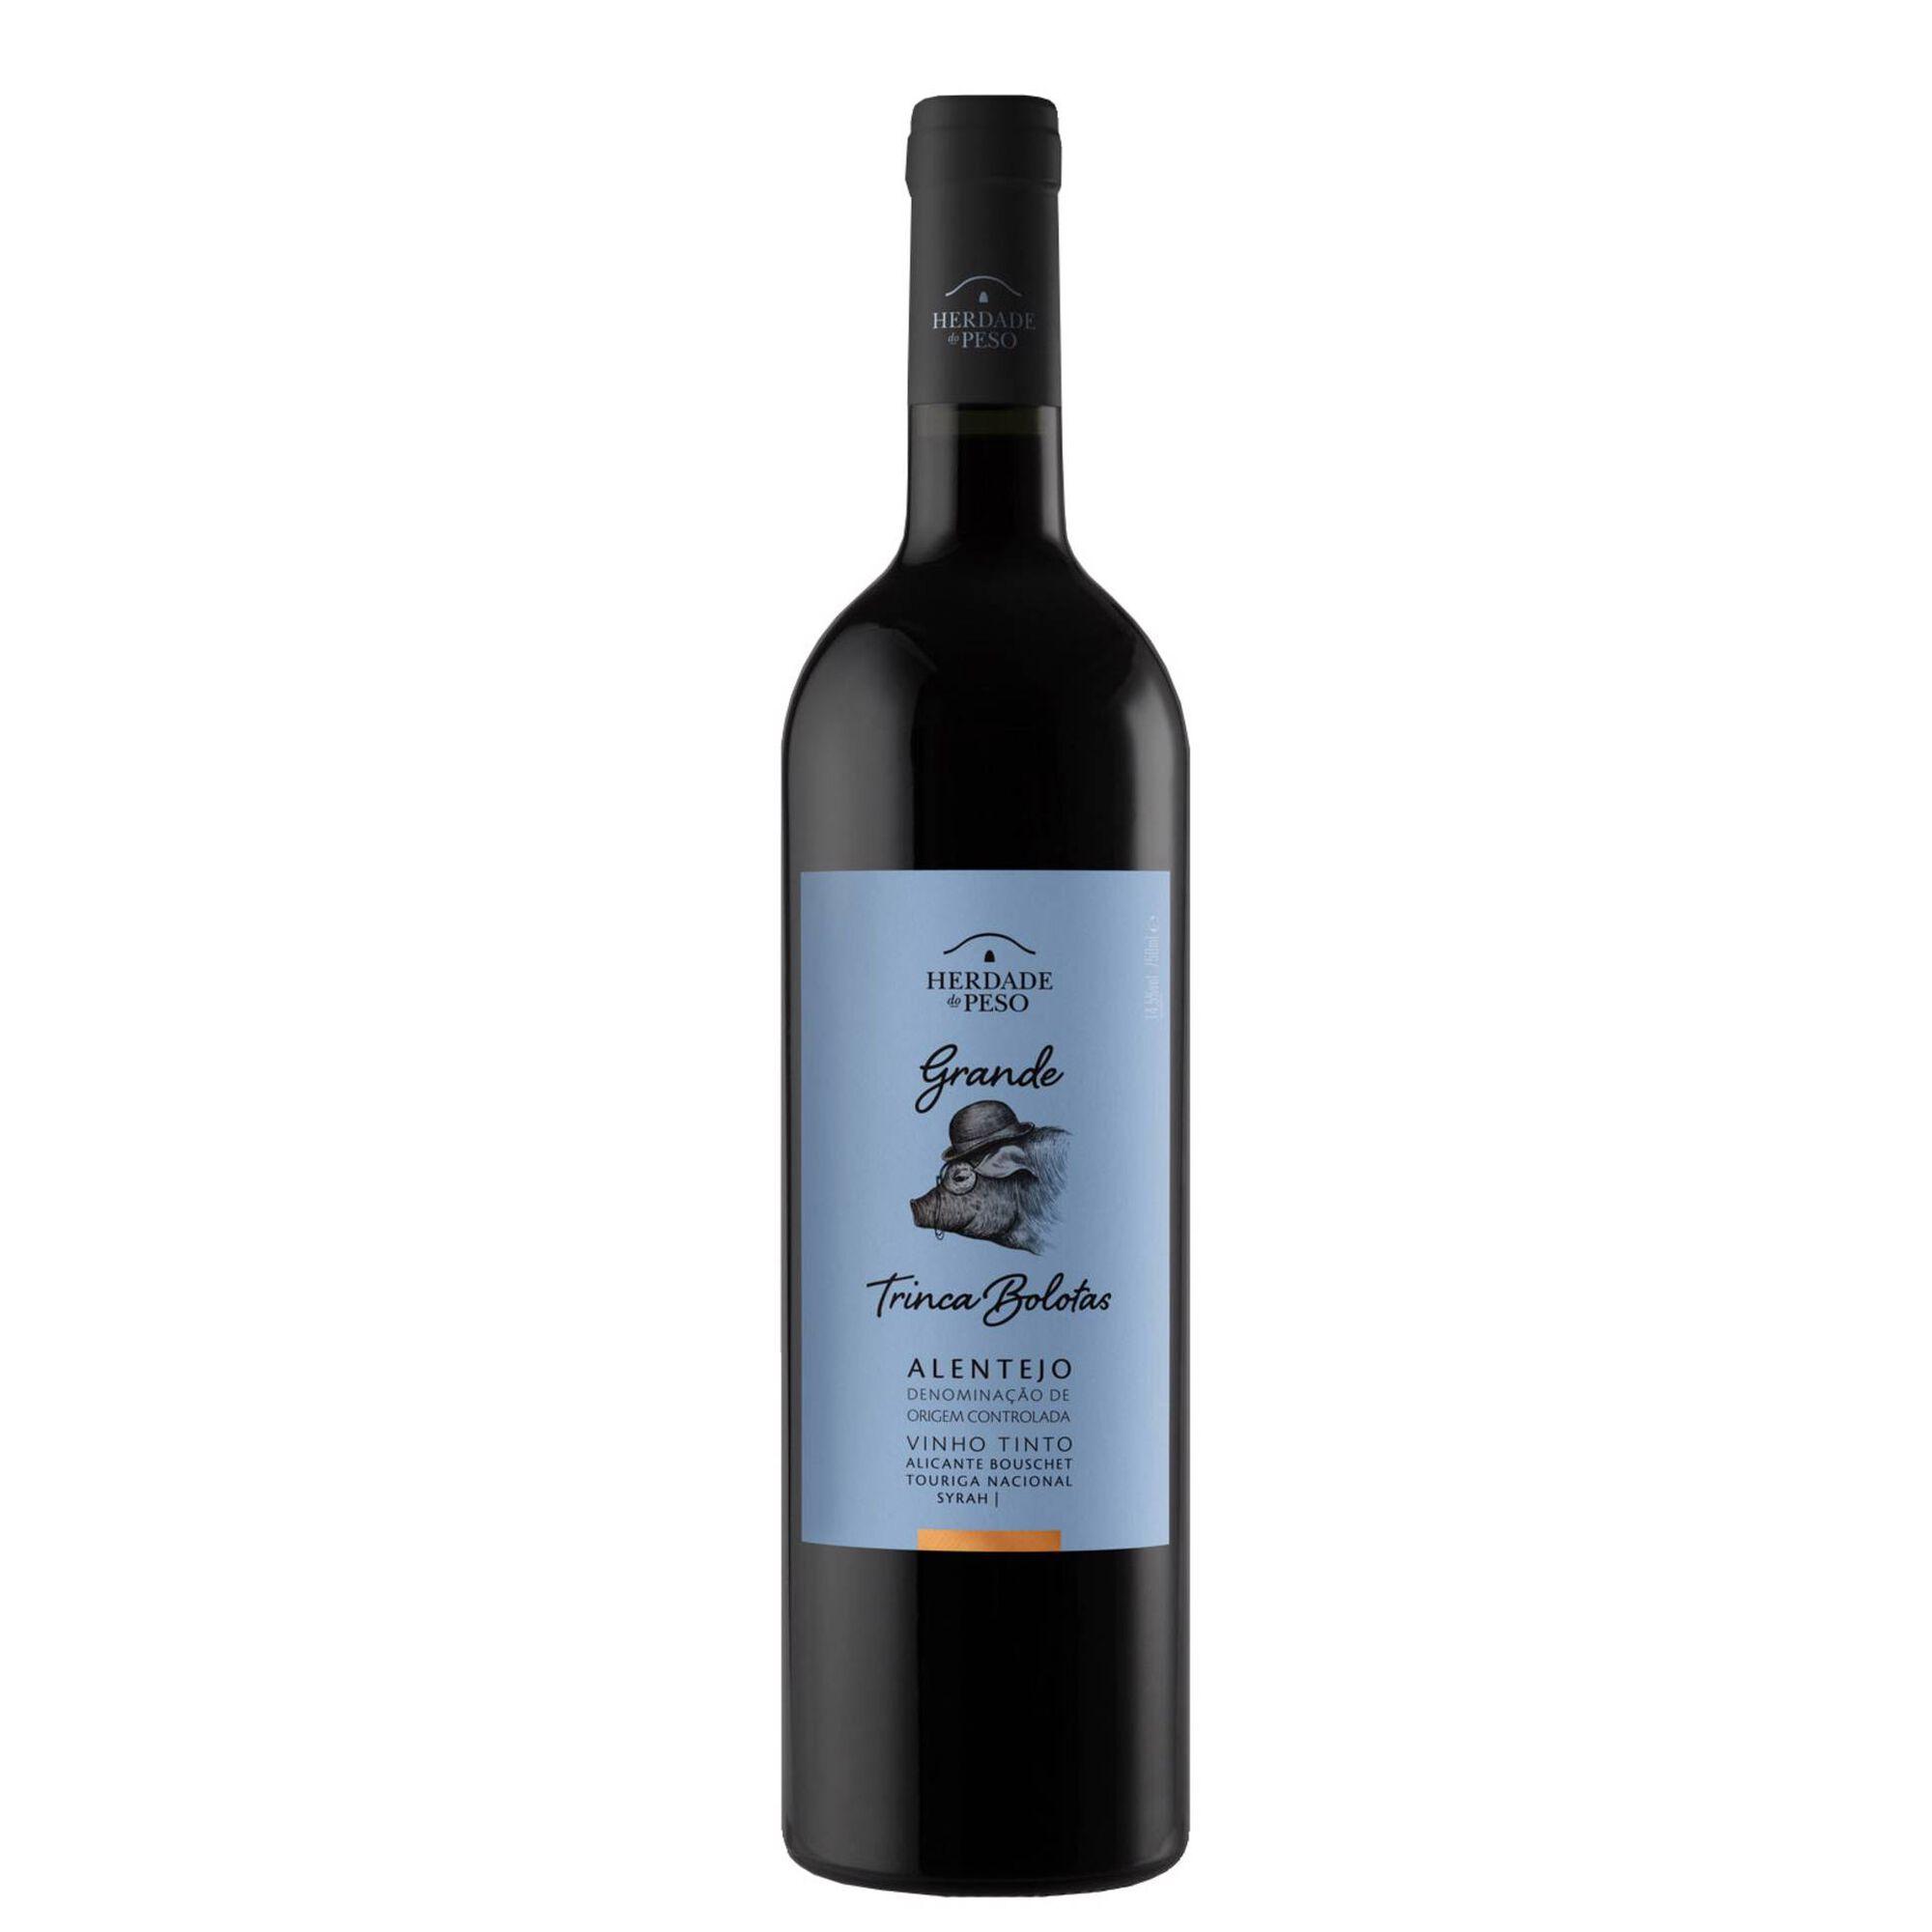 Grande Trinca Bolotas Regional Alentejano Vinho Tinto